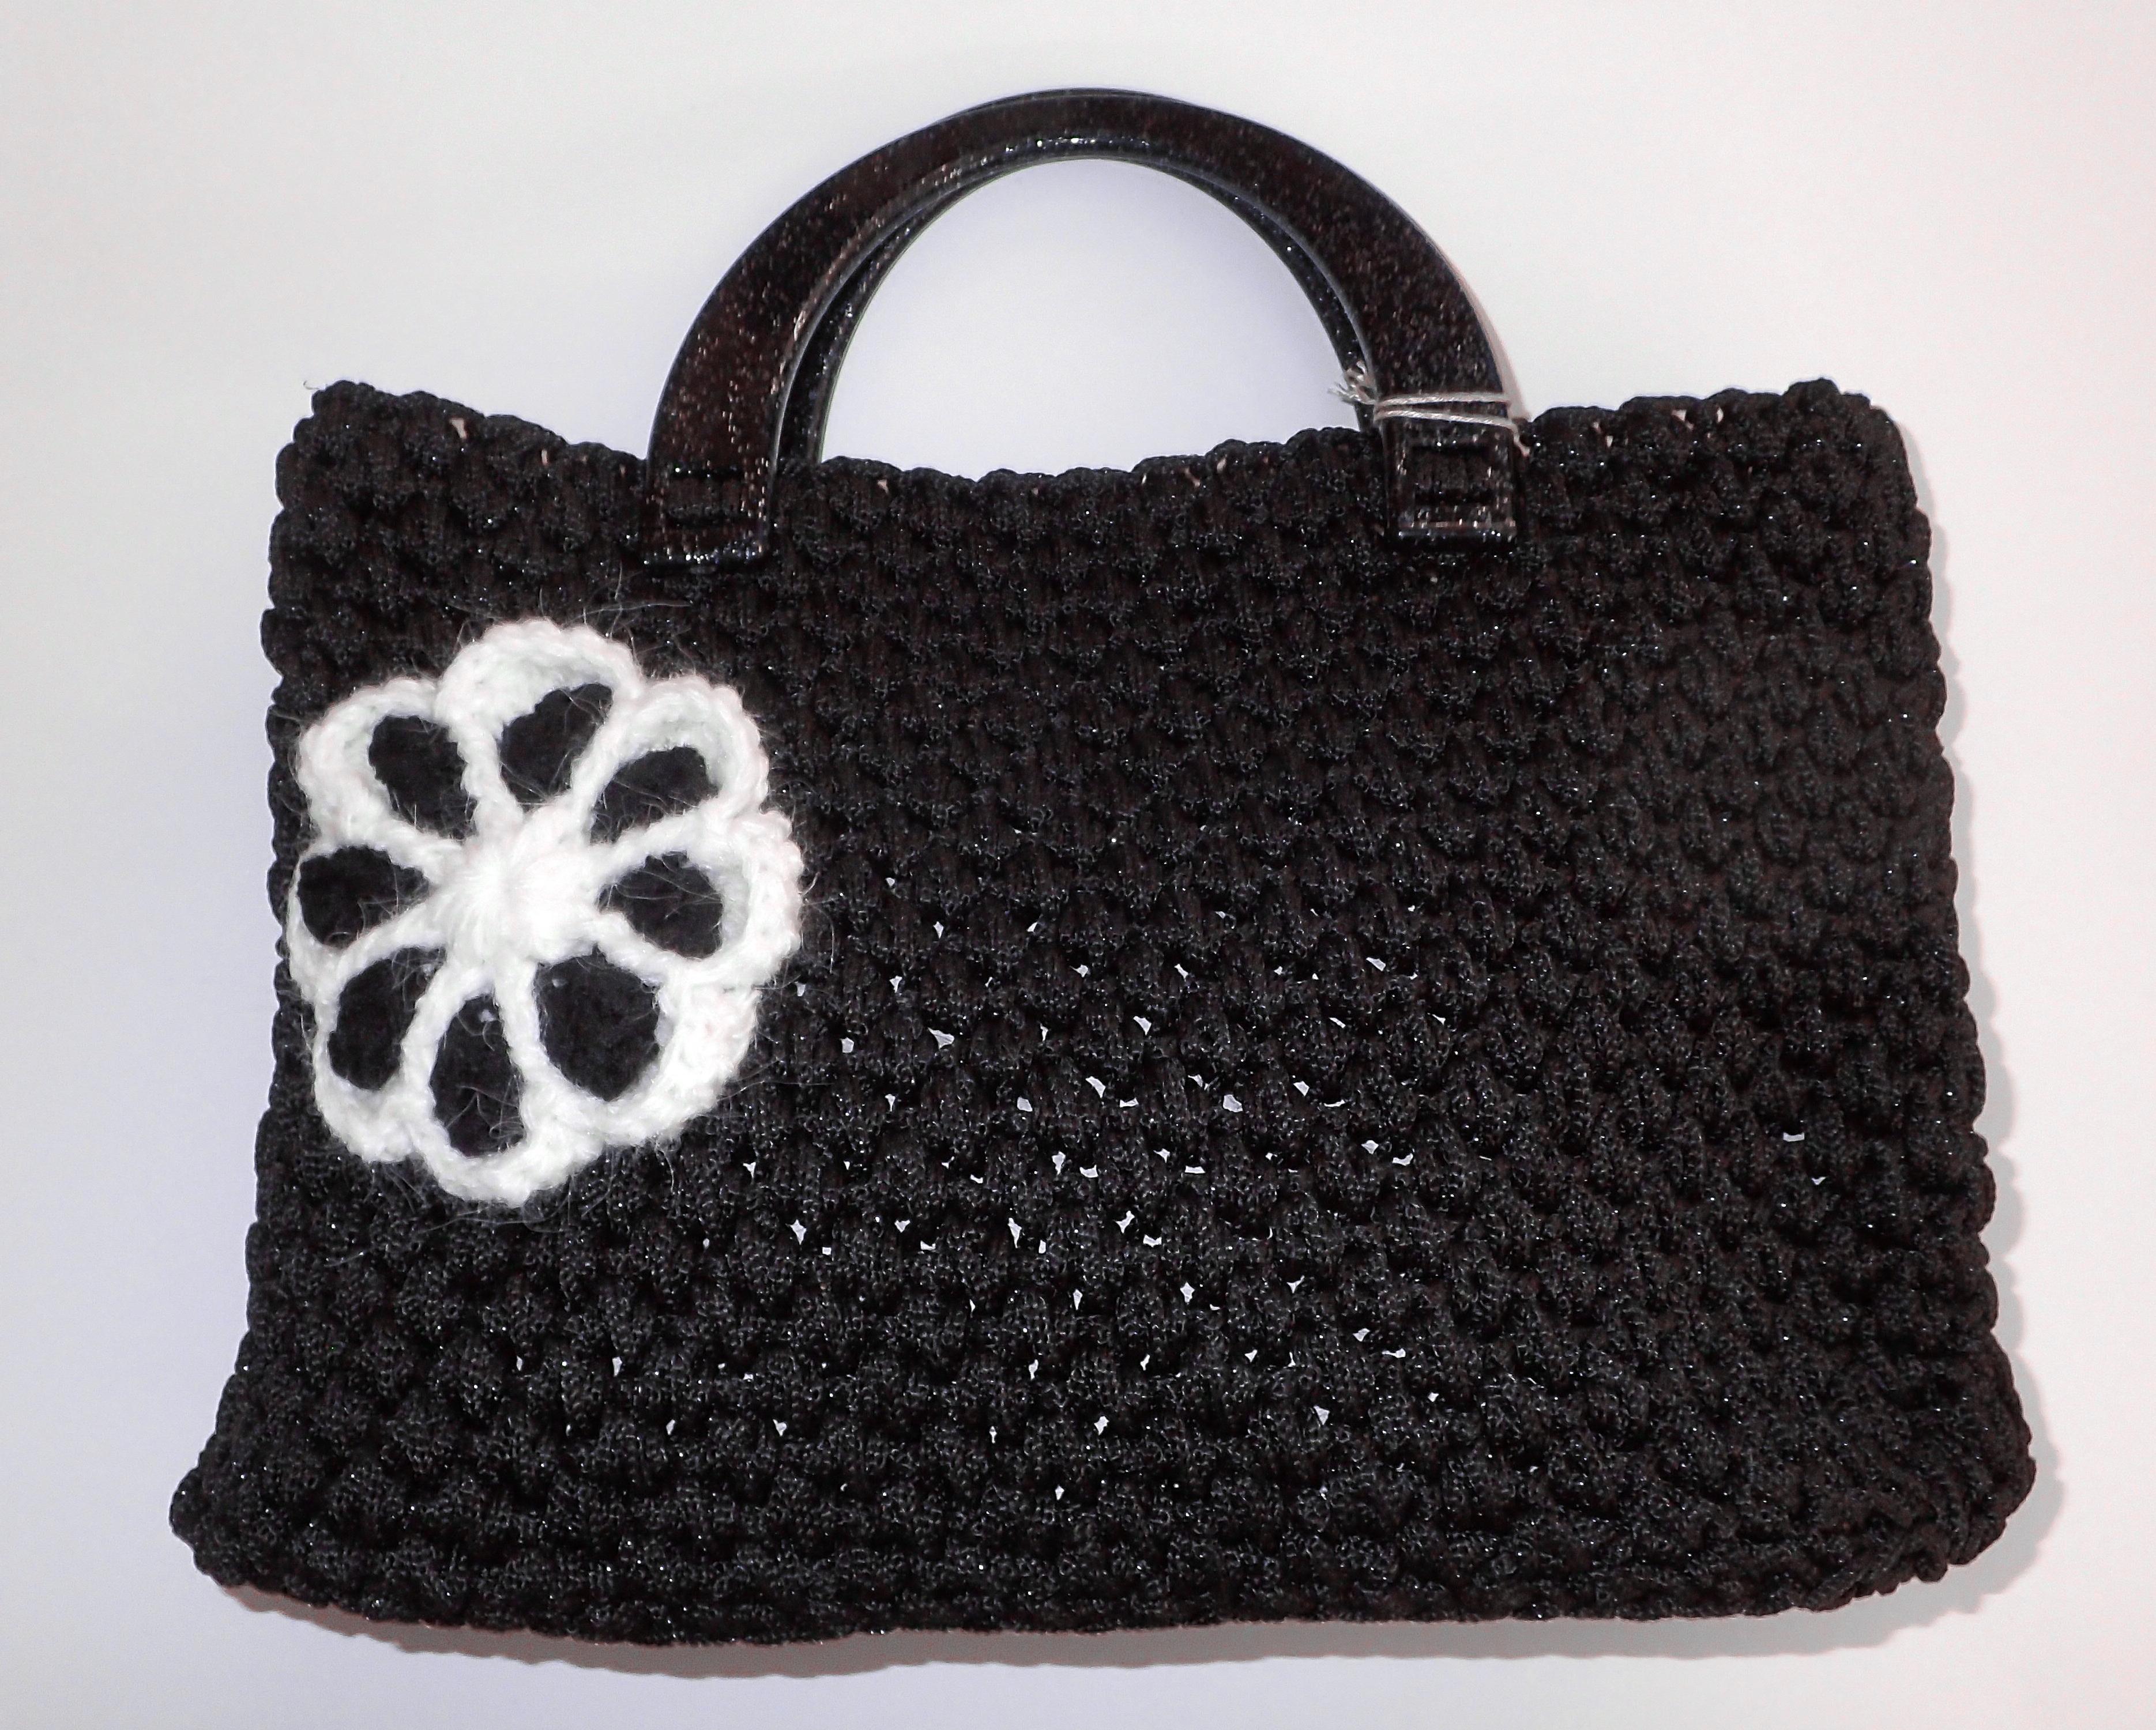 402888a14c Πλεκτή χειροποίητη τσάντα μαύρη Knitted handmade bag black